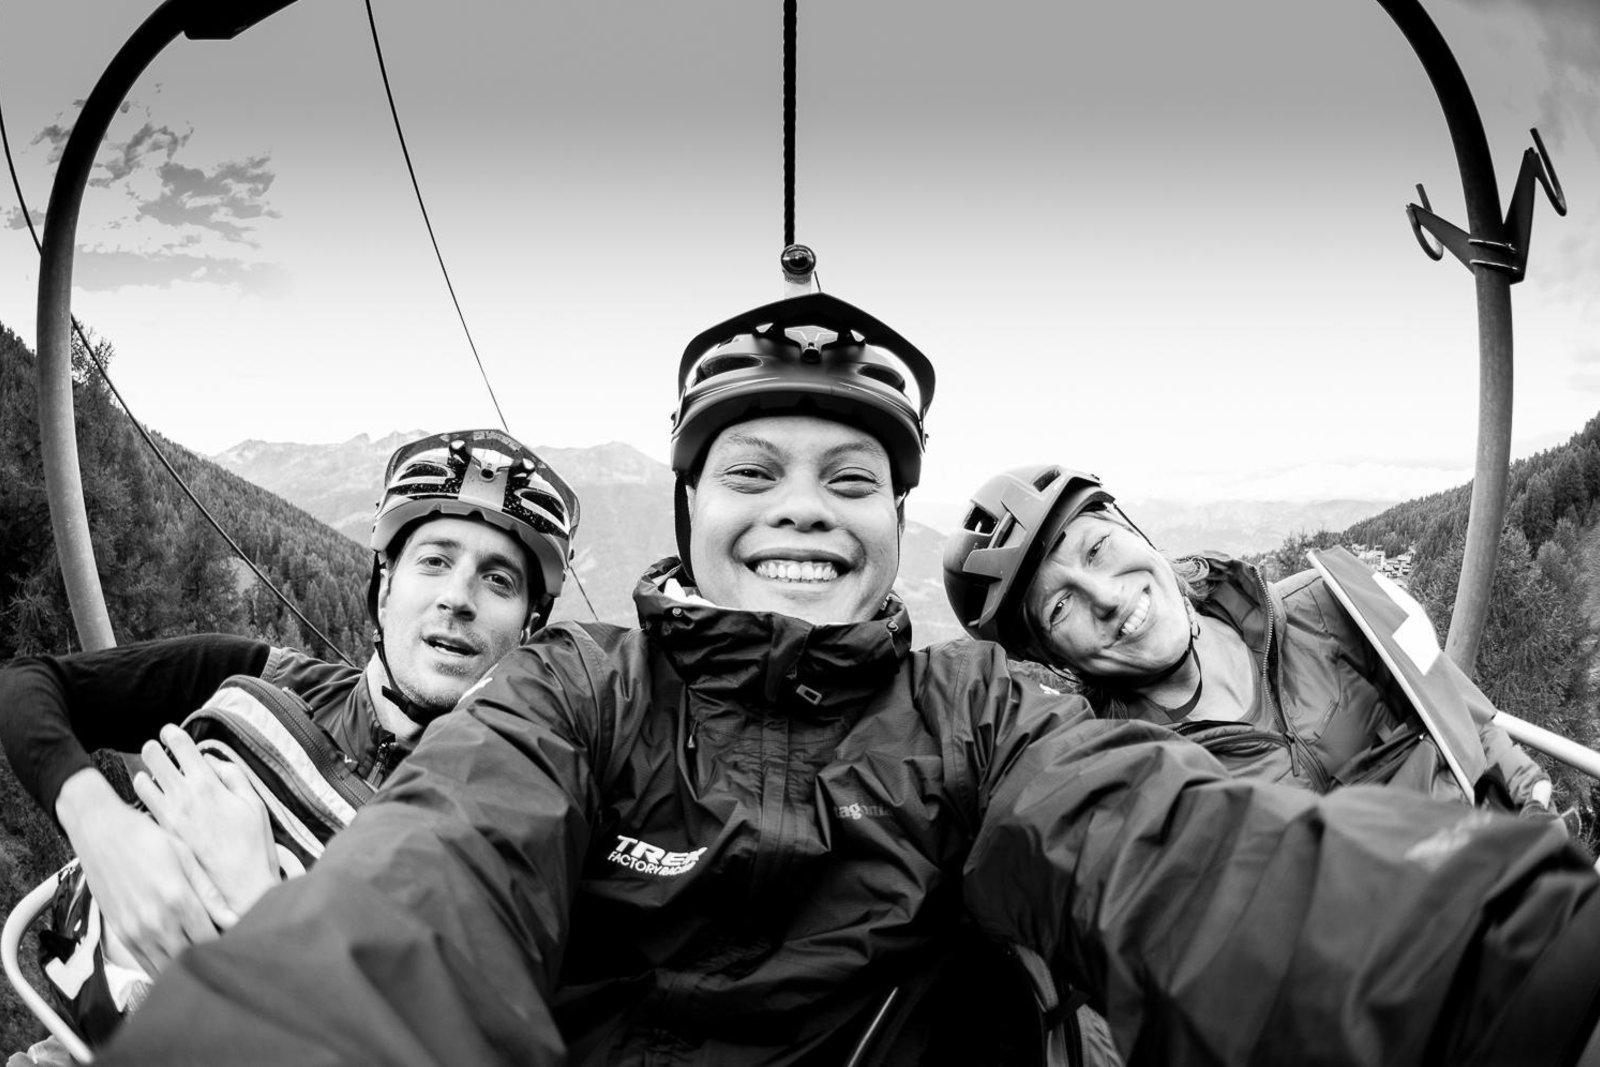 Shafudin Jaya: Chasing the Alpine Skies - Unser Gründer und Guide Martin hatte das Vergnügen, eine kleine internationale Truppe durch urchige Walliser Bergdörfer und über magische Pässe im Zentral- und Oberwallis zu führen. Mit dabei 2 lustige Sportjournalisten aus Singapur, die via RedBulletin einen spannenden Bericht inkl. tollen Fotos und Video erstellt haben.